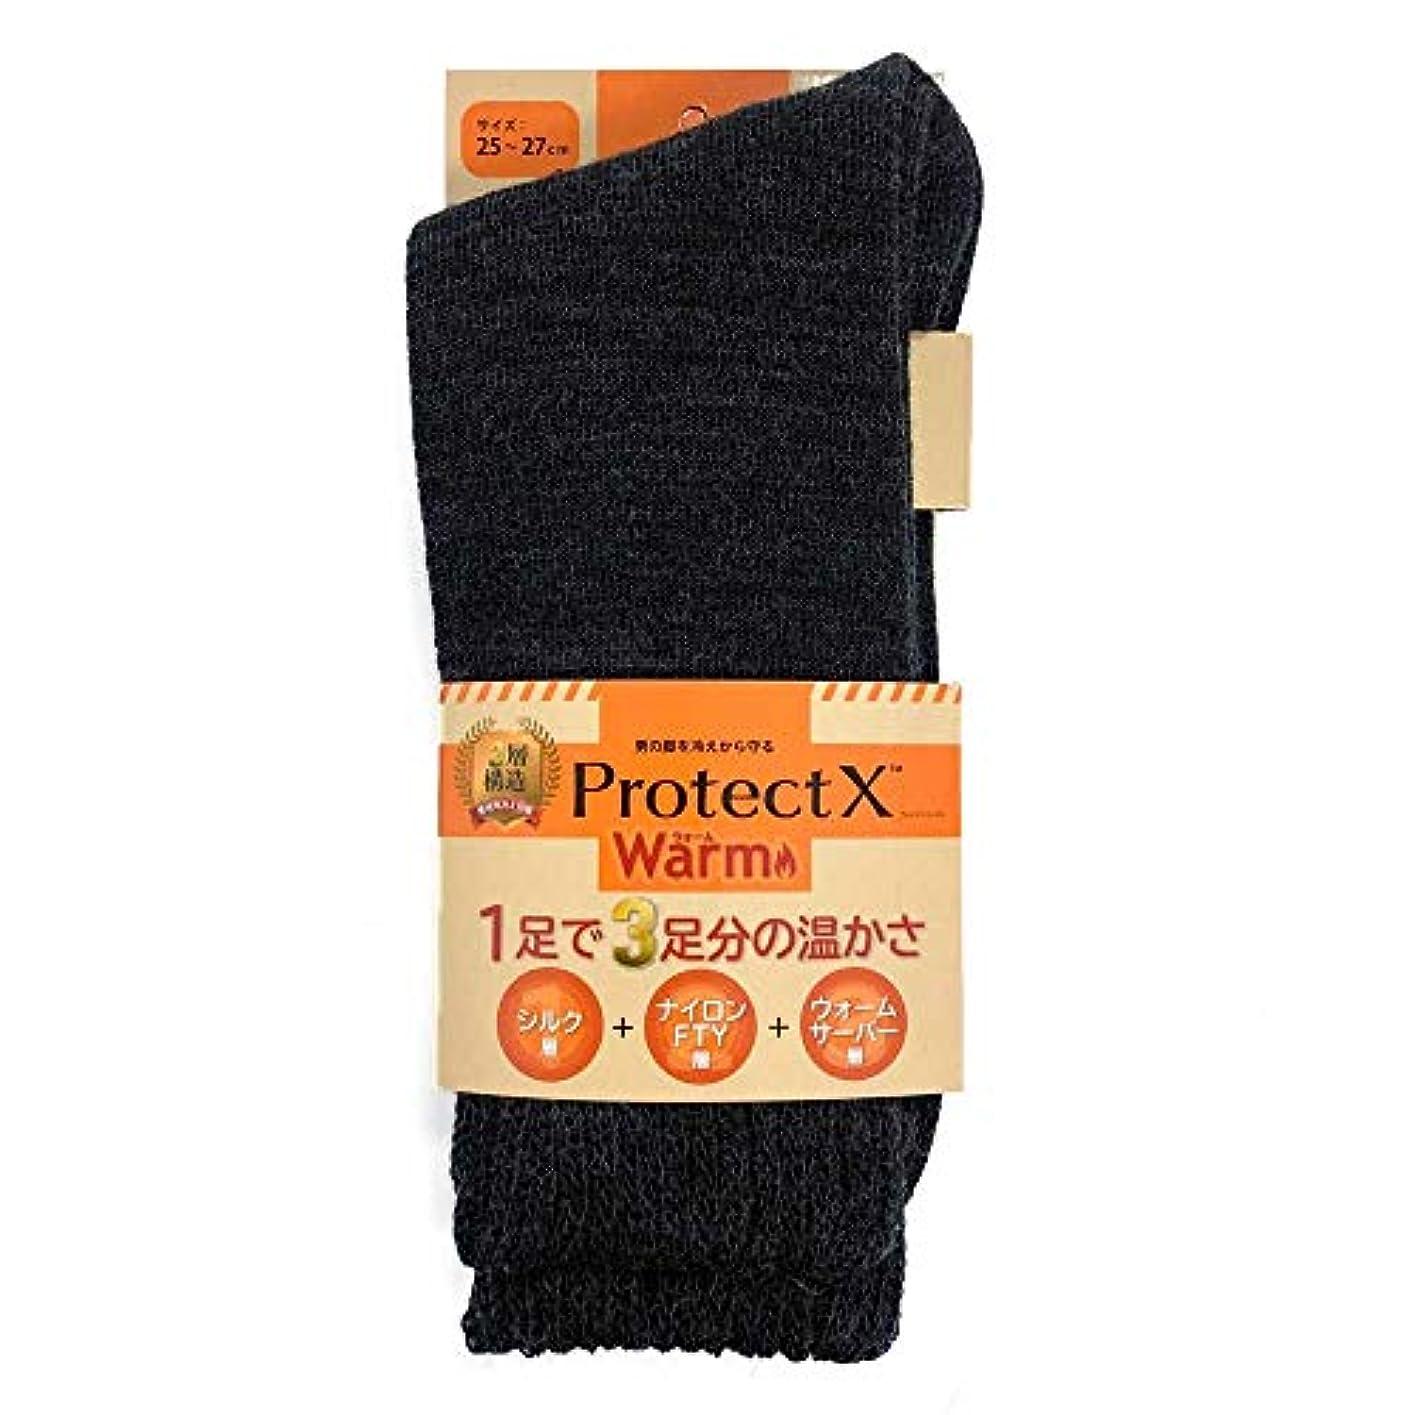 探す作動する動物冷え性対策 履き口柔らか 男性用冷え対策 シルク100%(内側) 3層構造 防寒ソックス 25-27cm チャコールグレー